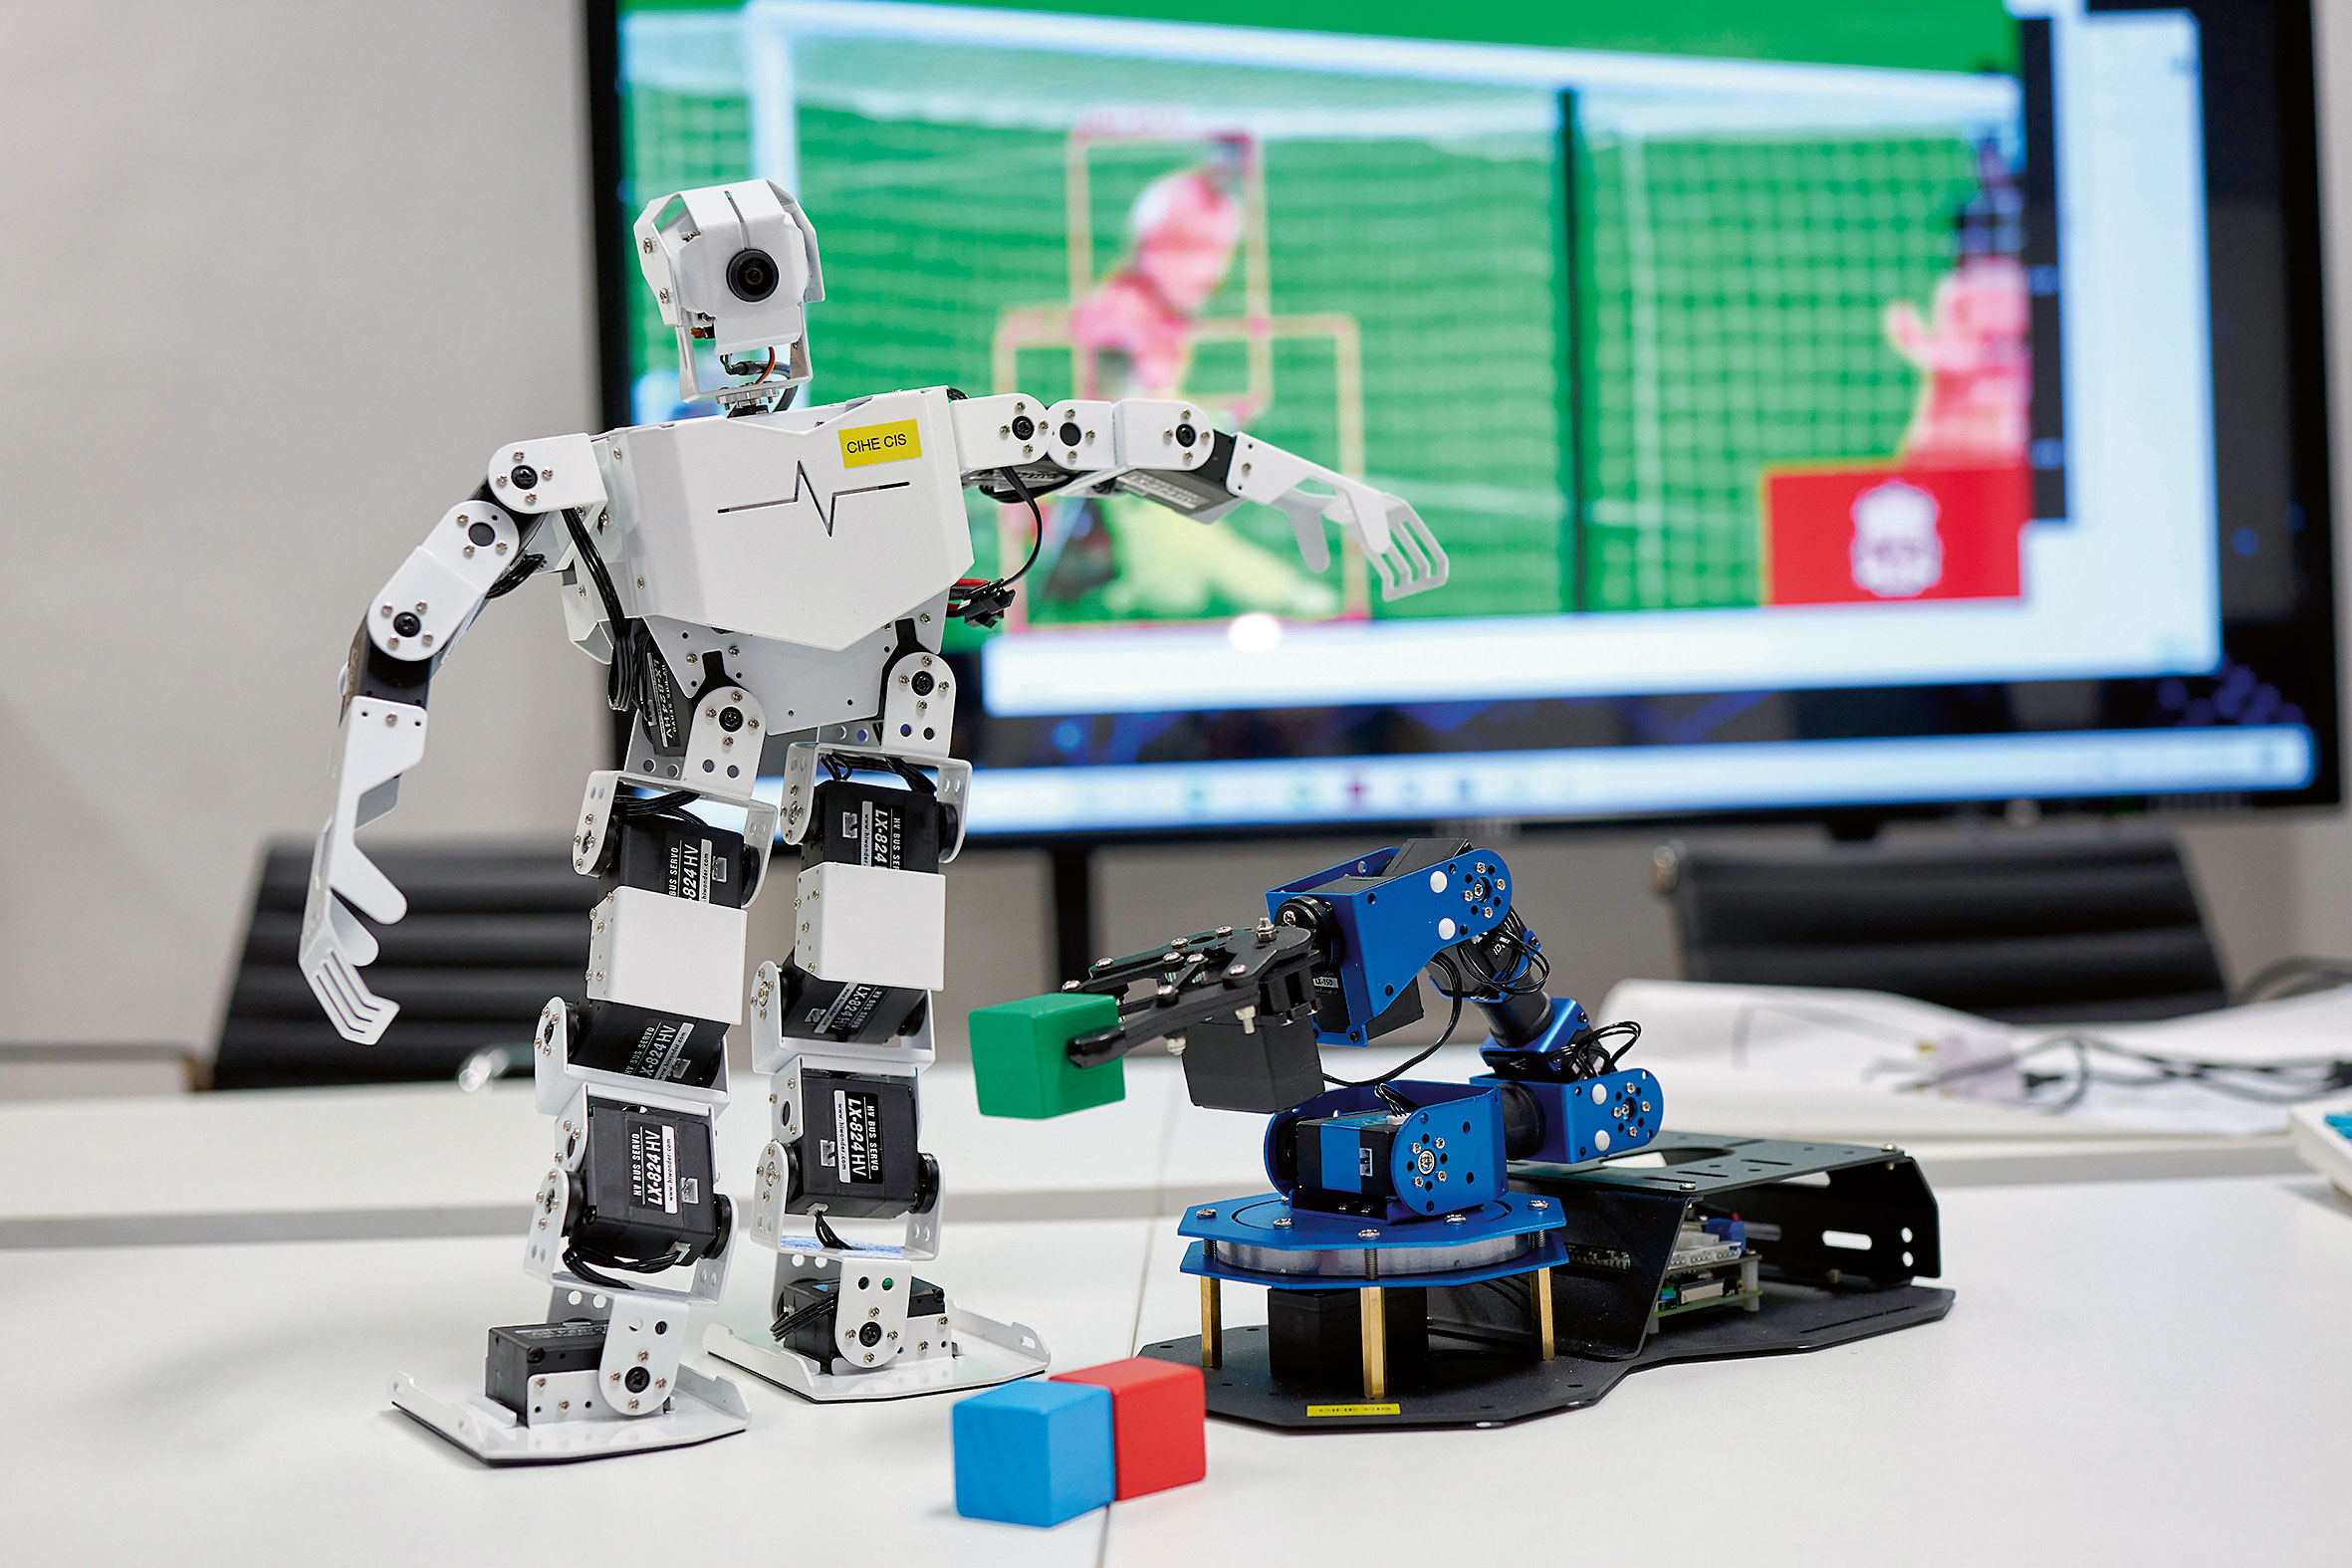 課程着重師資,教學團隊由資深IT業界人 士及擁有豐富研究經驗者組成;師生更可 使用分布式人工智能實驗室,使用各項軟 硬件設備,如機械人、機械臂等。